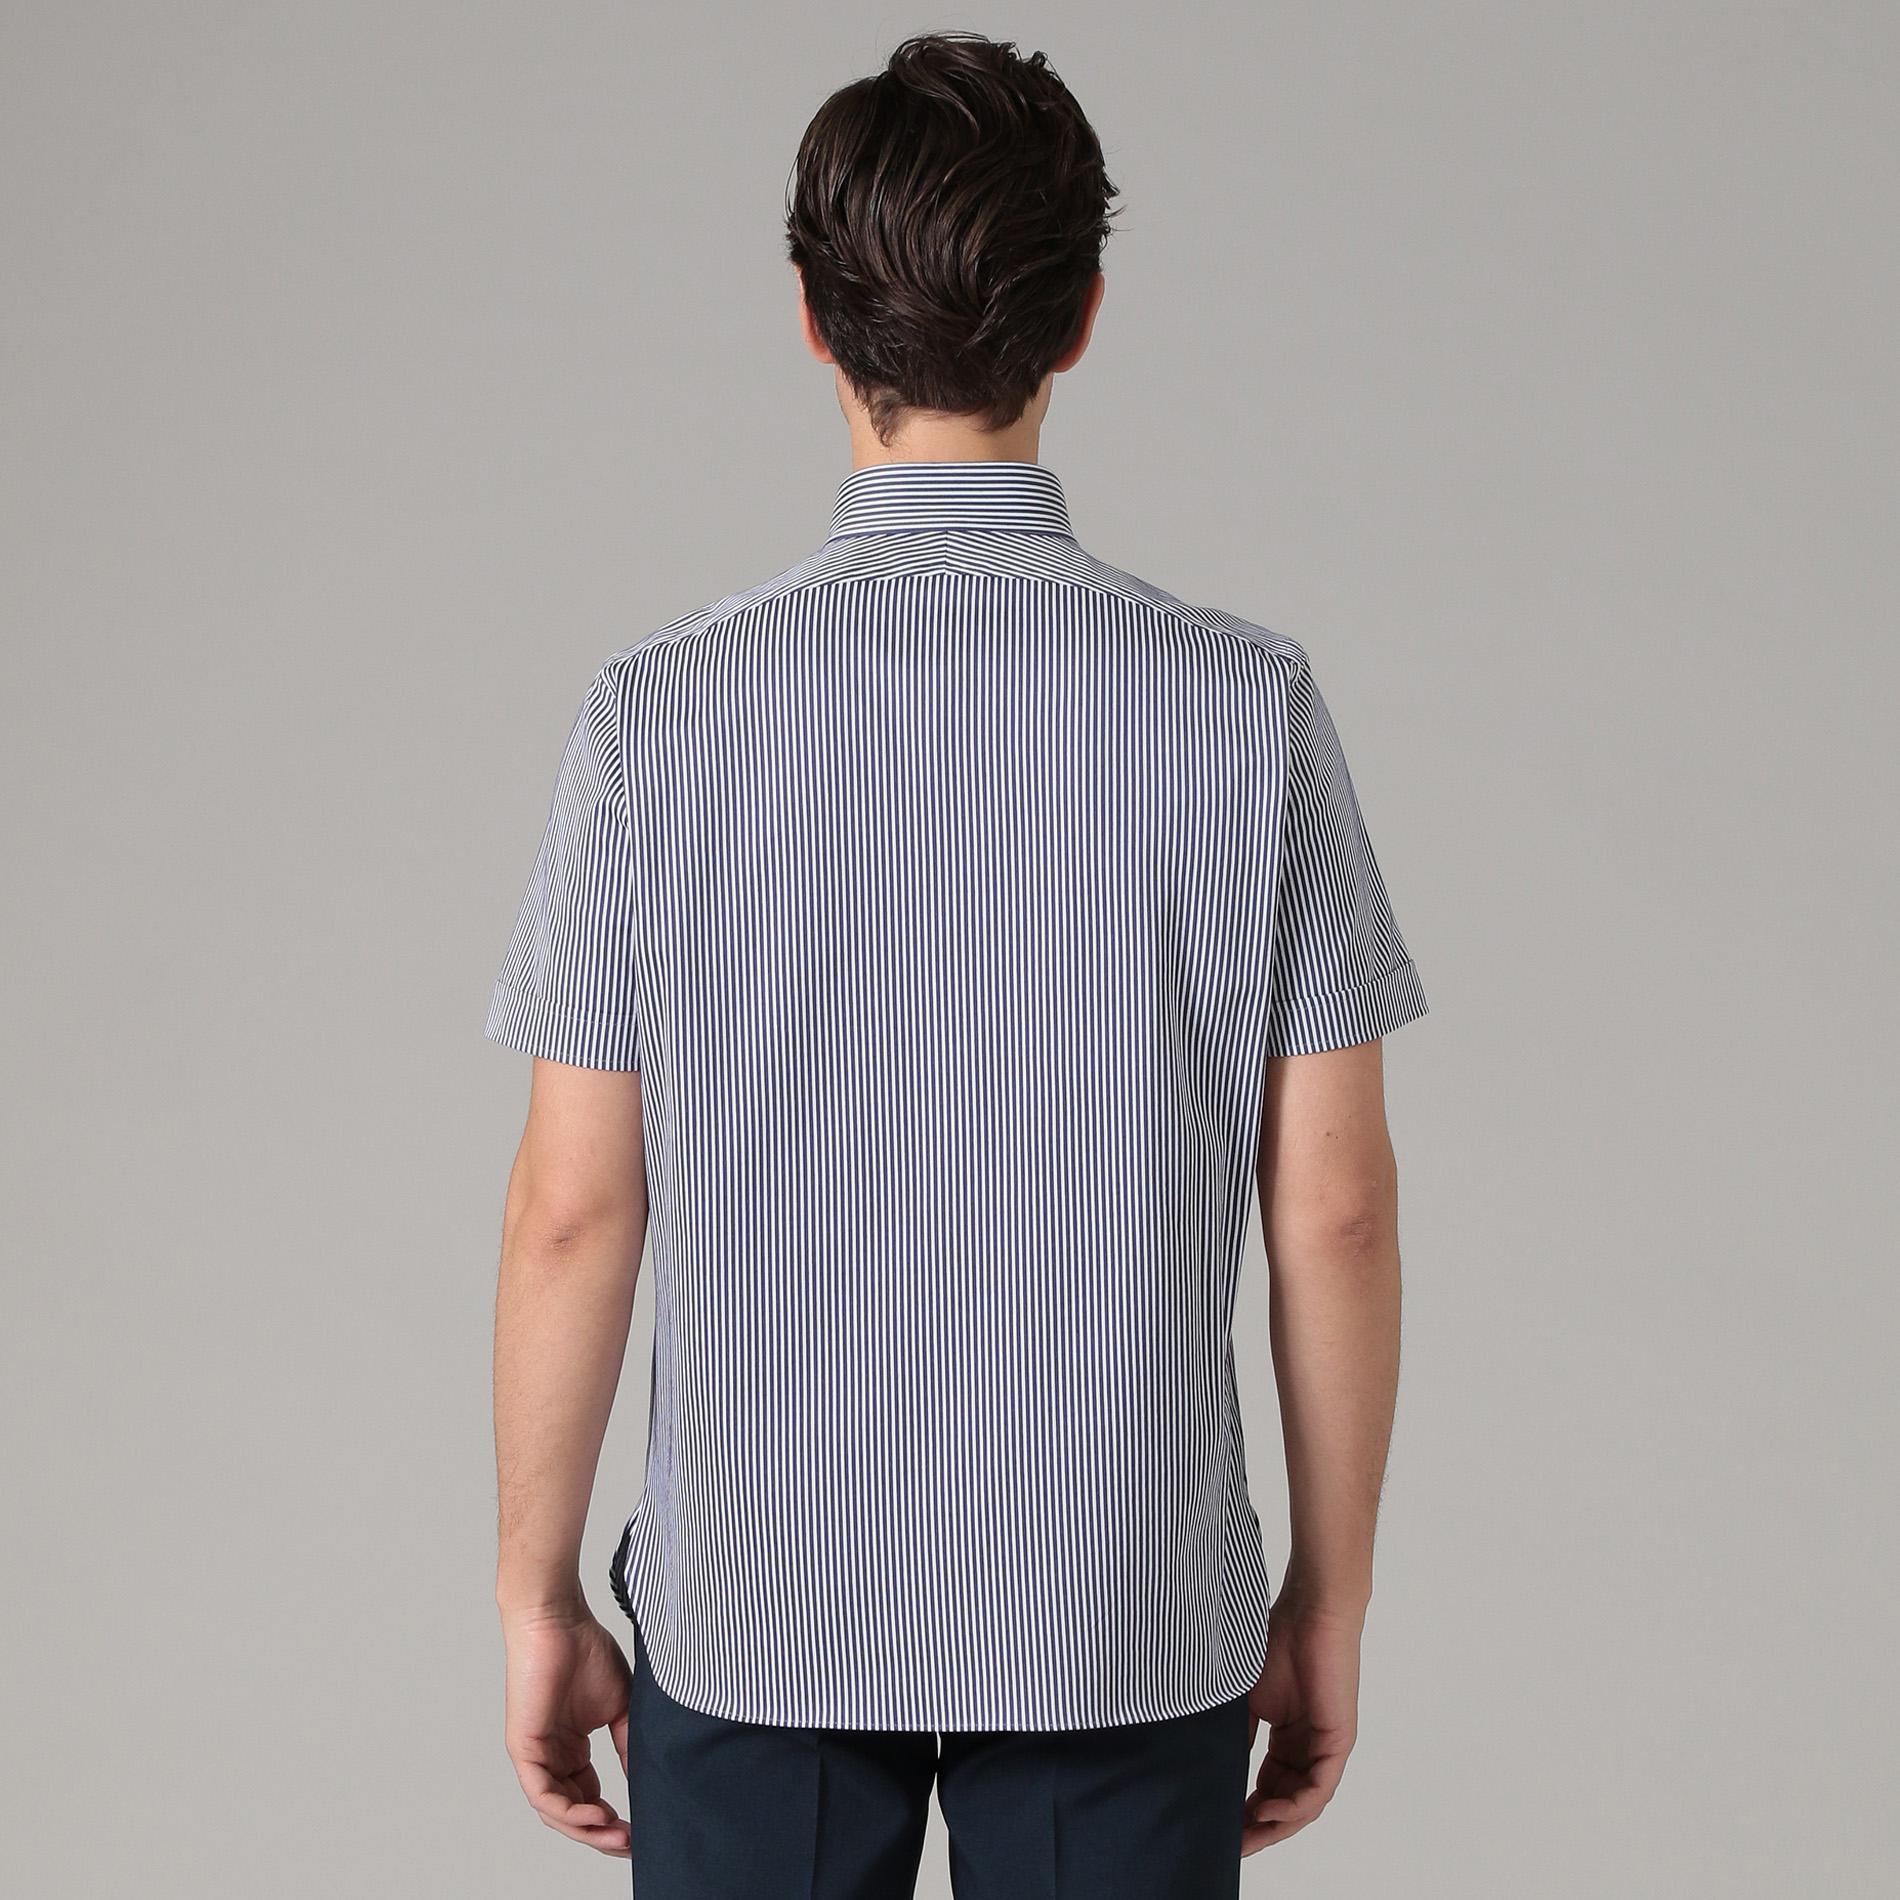 【ALBINI】ストライプジャージシャツ